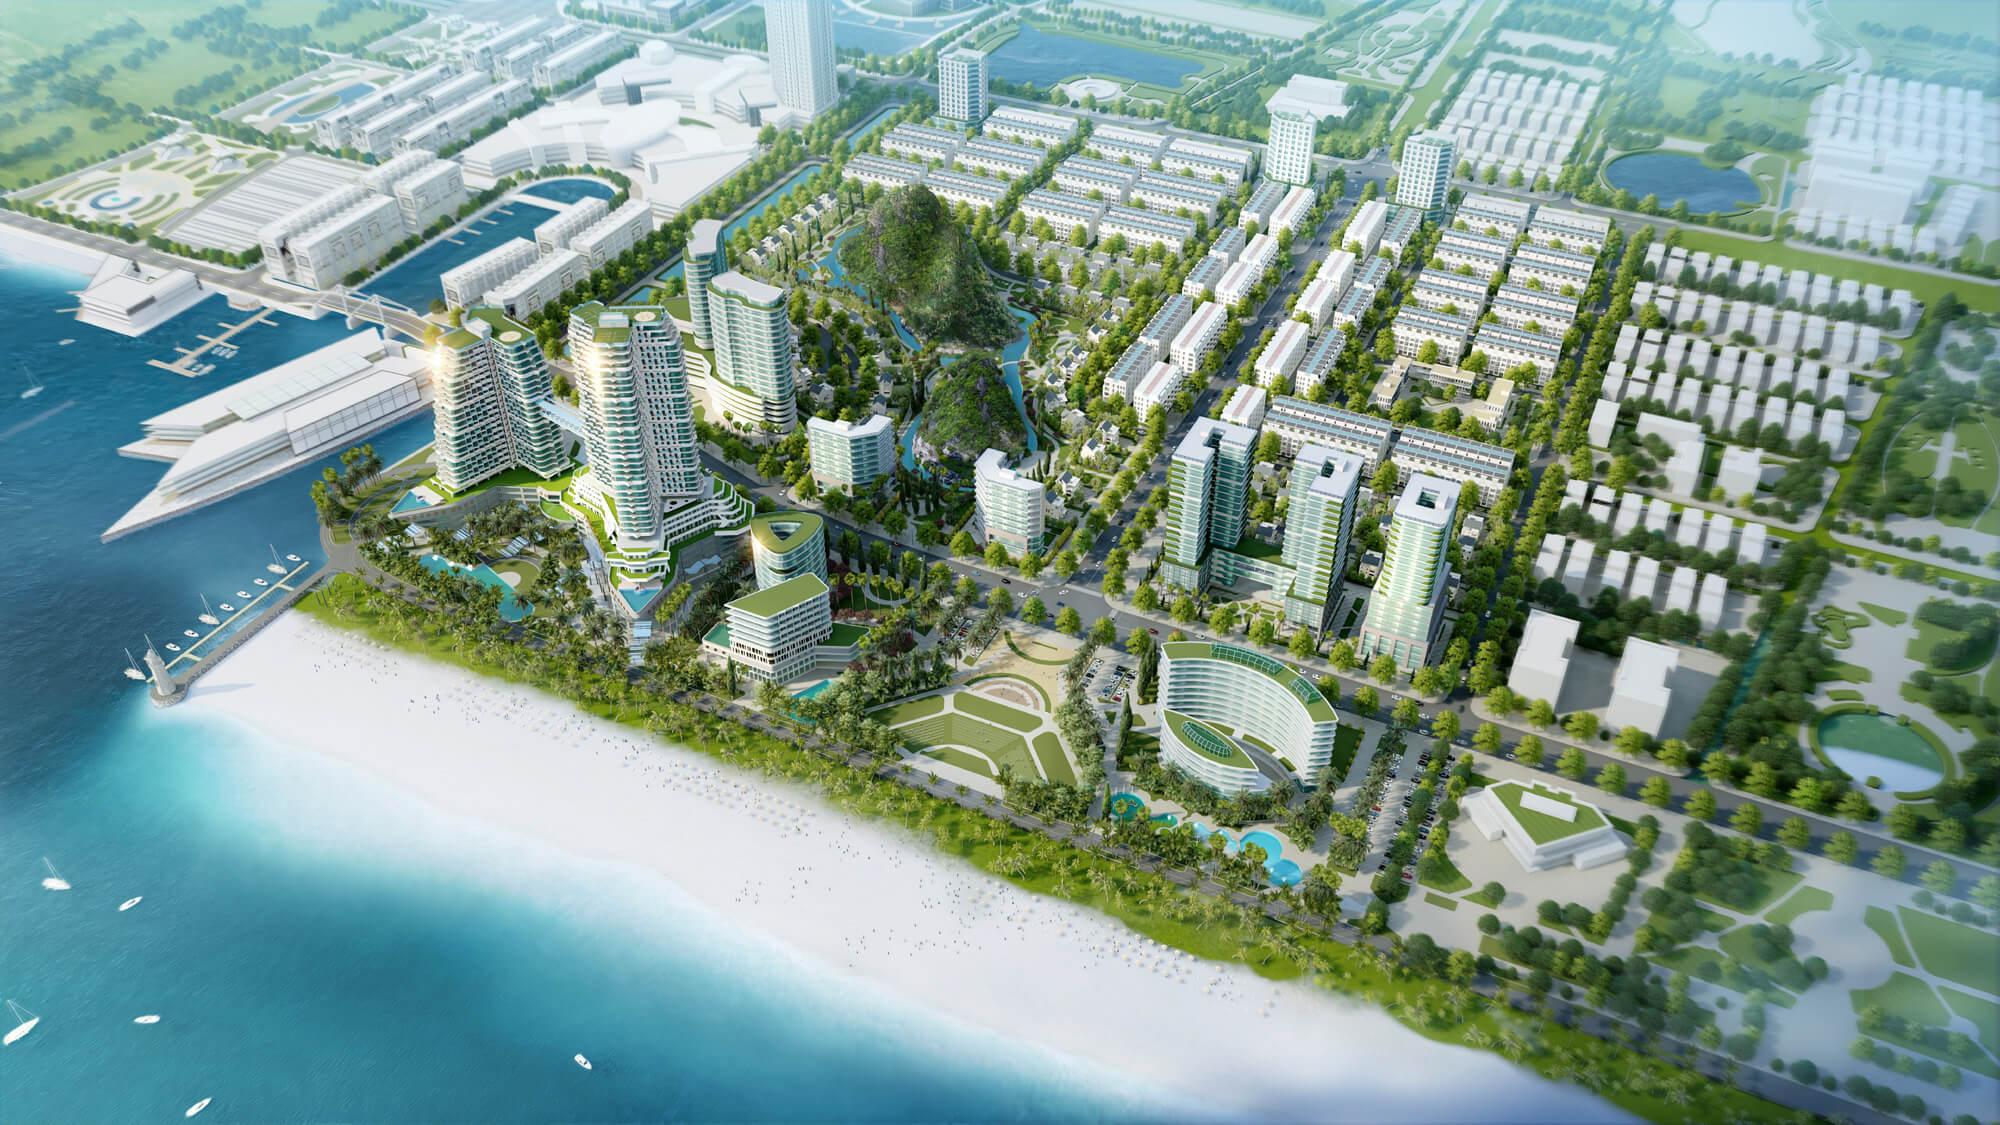 Chủ dự án Ocean Park Vân Đồn bị  siết nợ: MB Bank có thể đúng về lý, nhưng chưa thỏa đáng về tình - Ảnh 1.